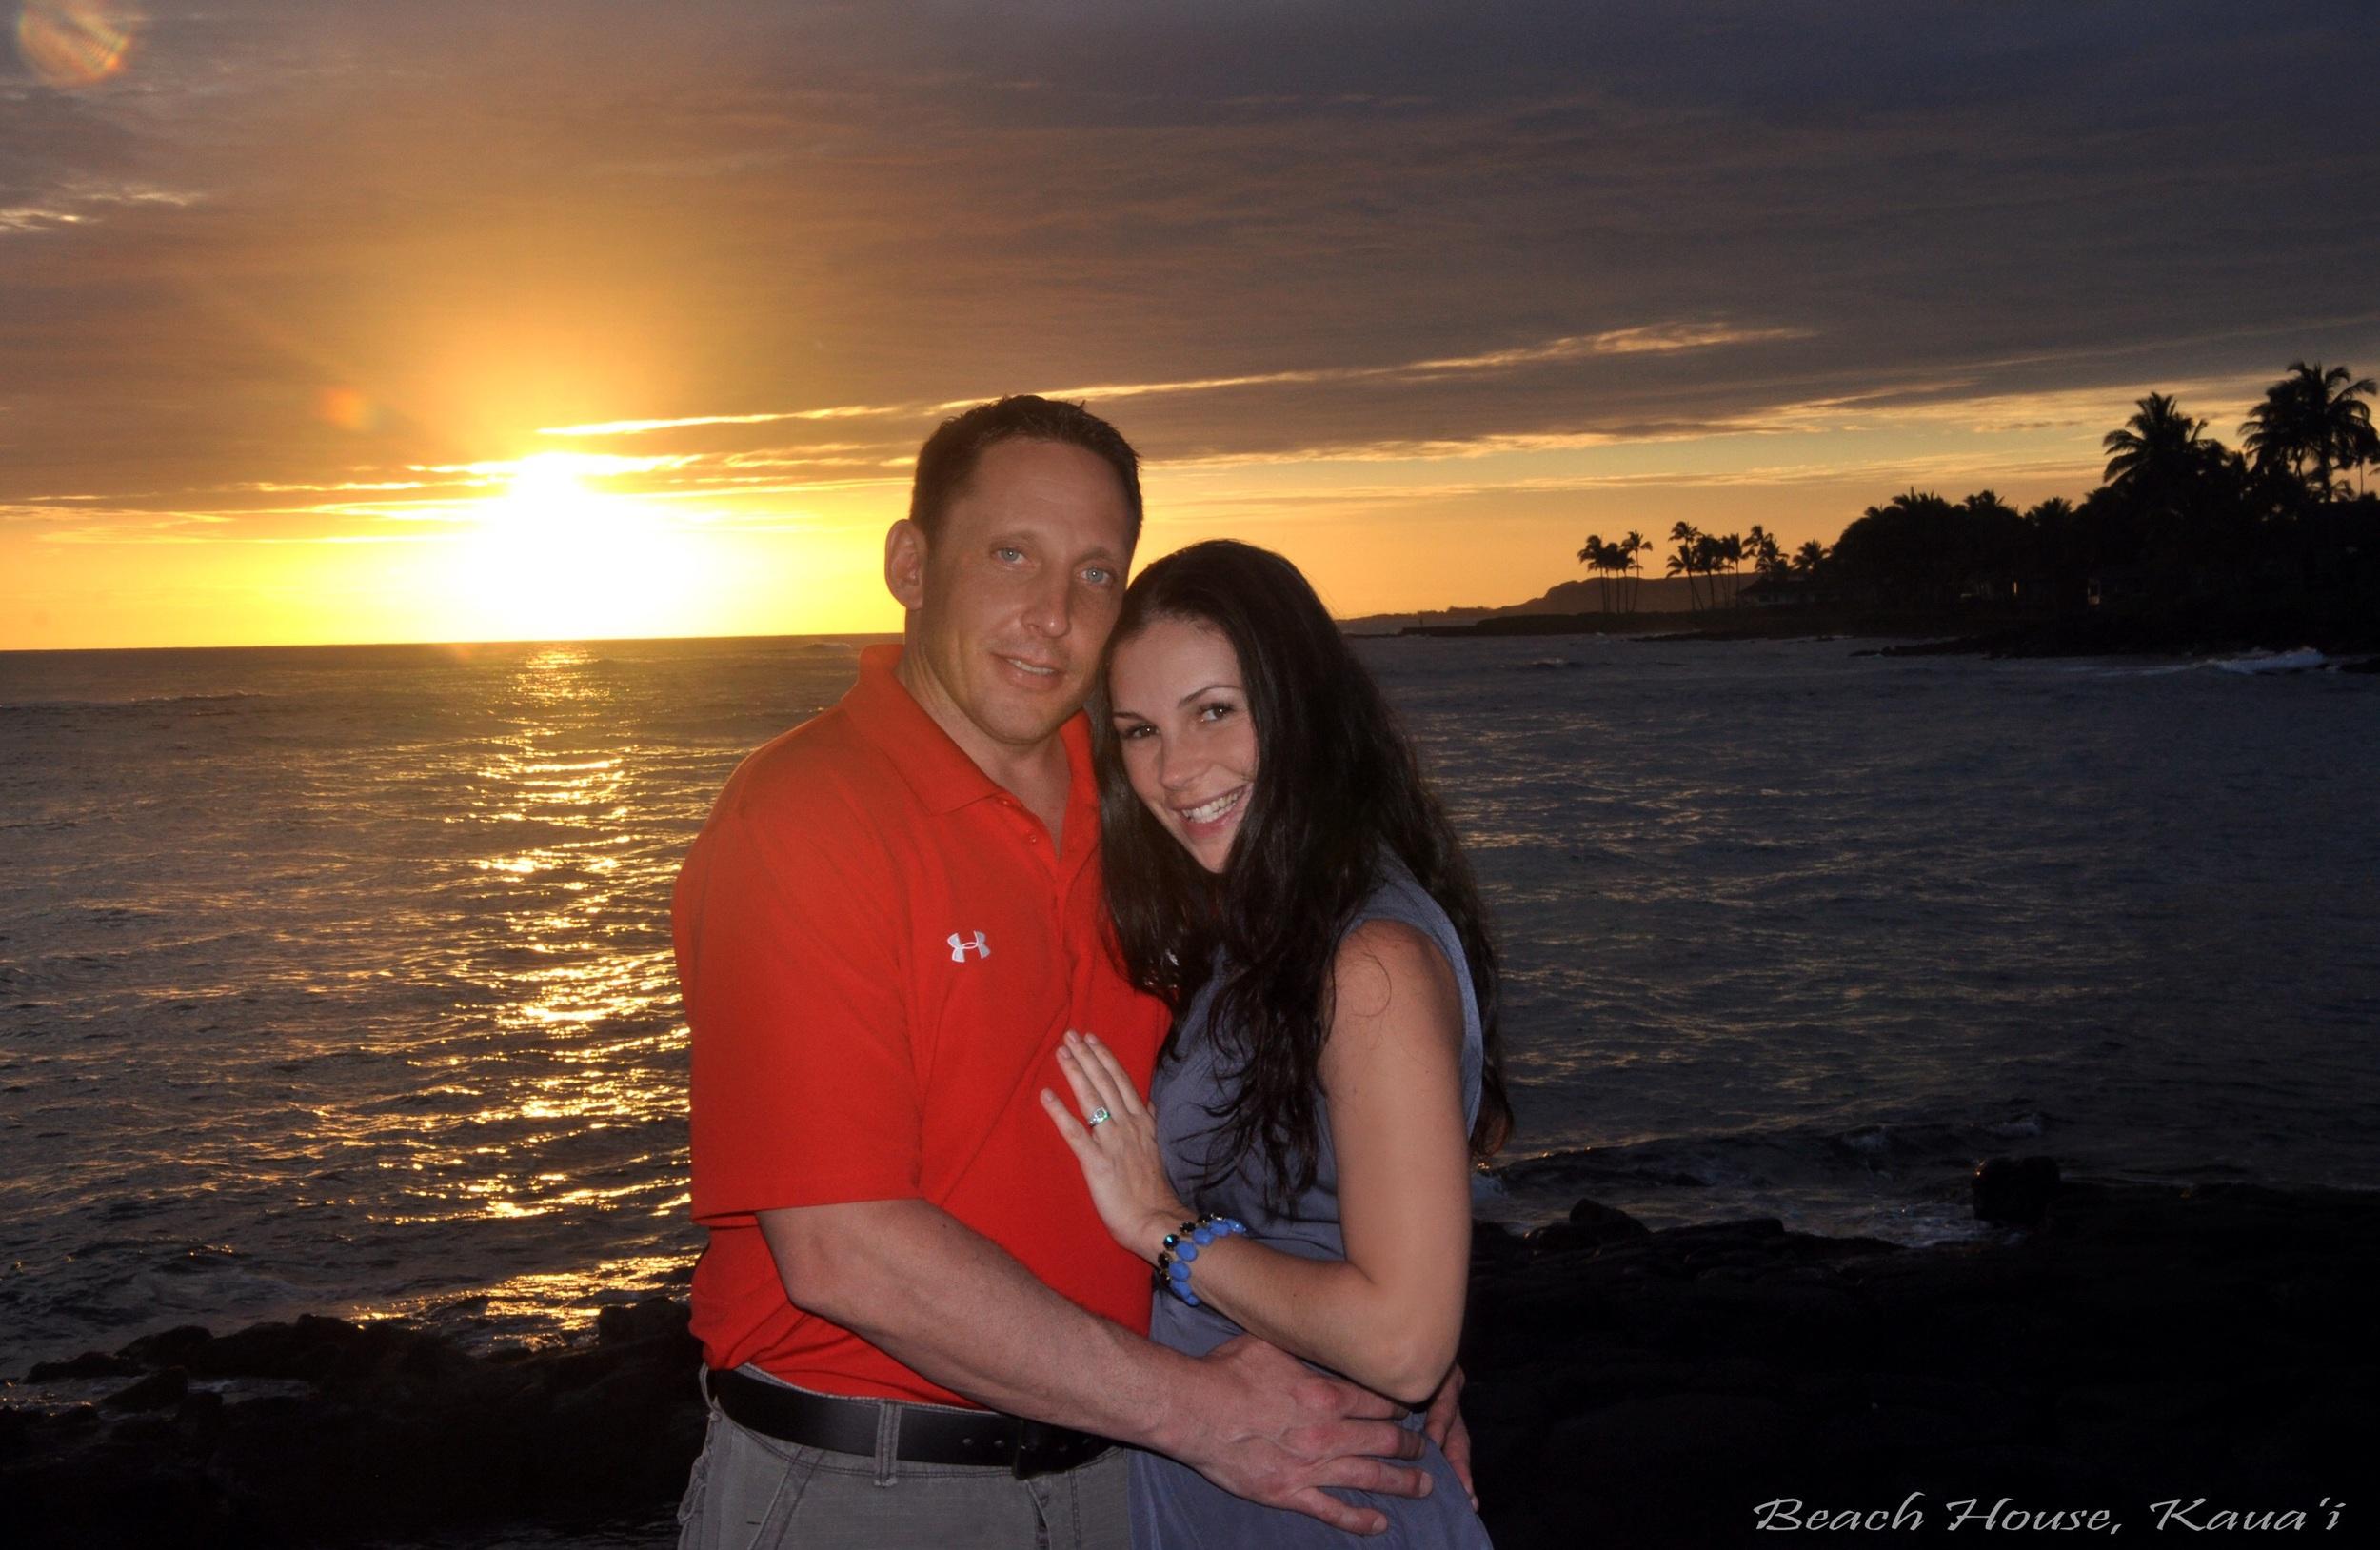 Sunset Dinner at the Beach House Restaurant // Po'ipu, Kaua'i, Hawaii (photo: Beach House restaurant photographer)